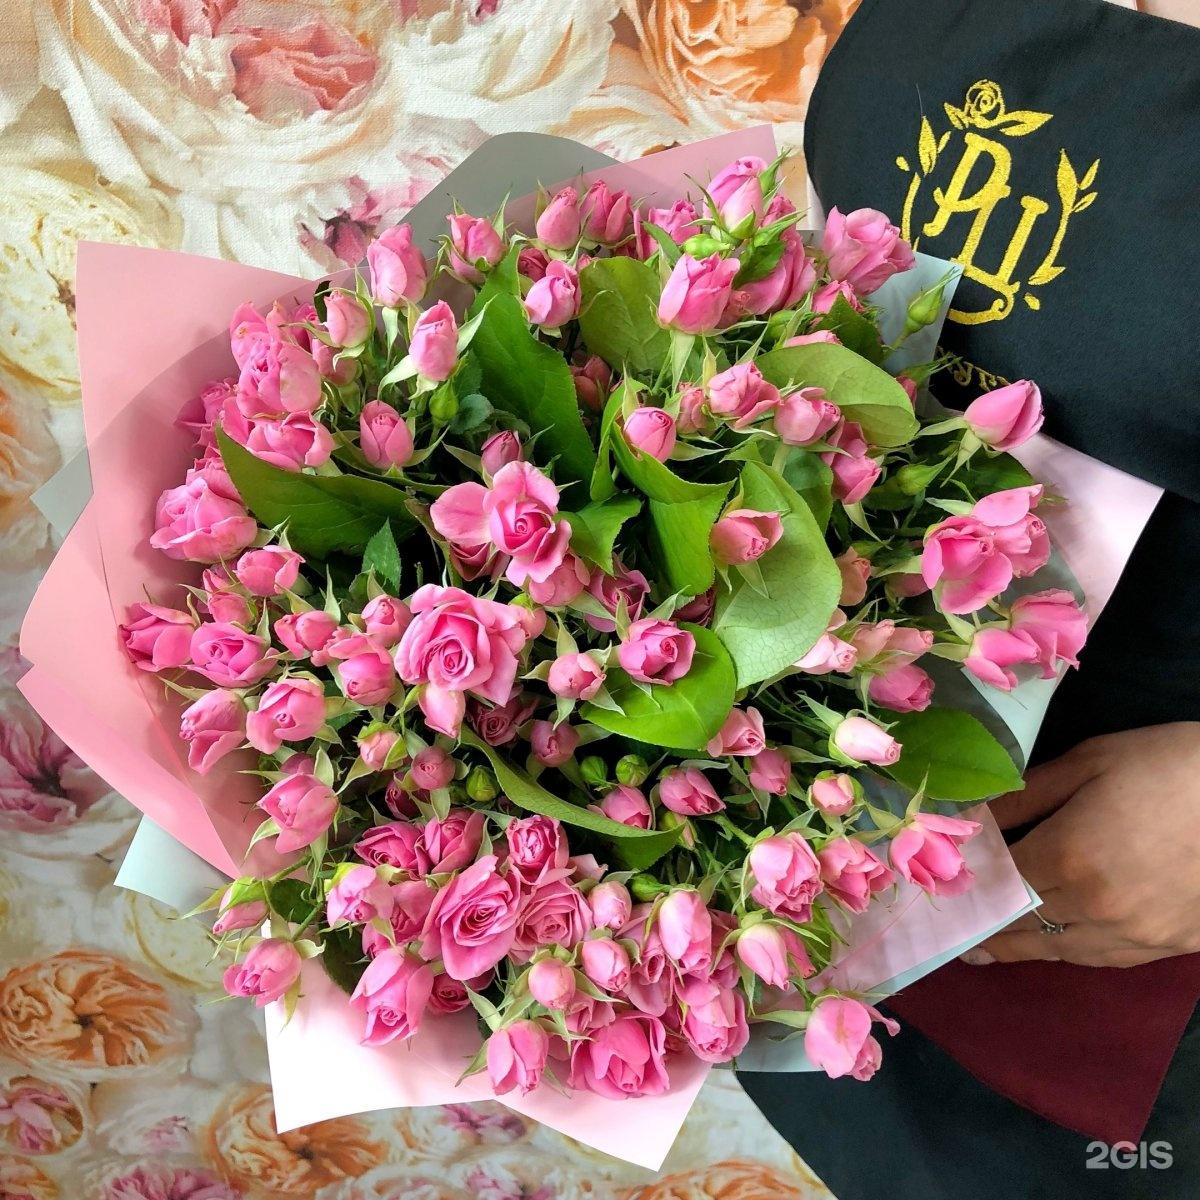 Для, доставка цветов из красноярска в канске